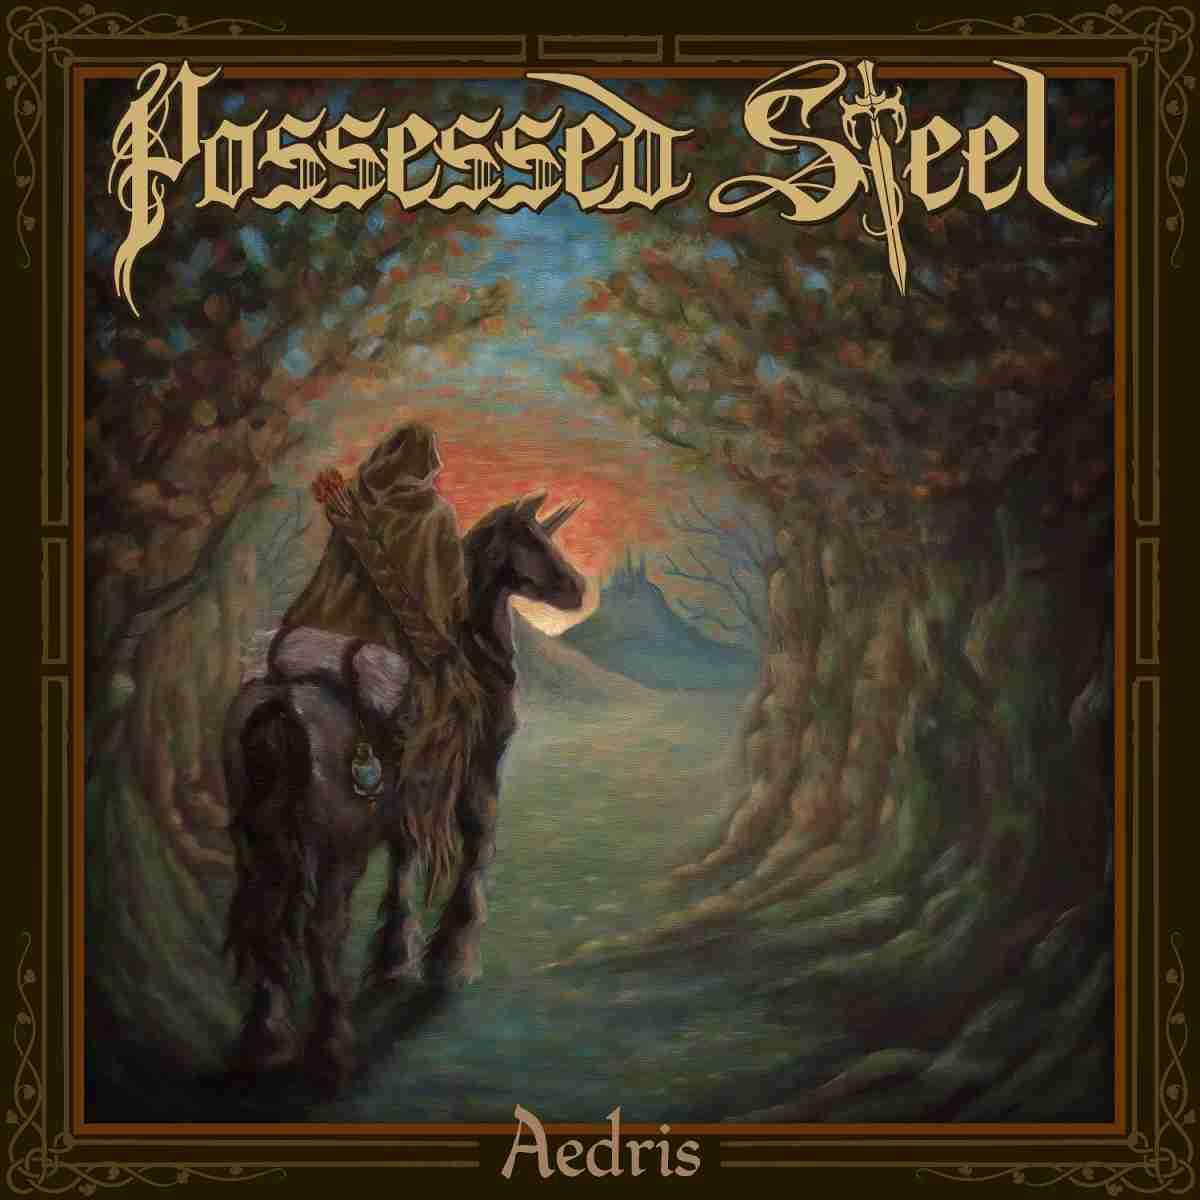 Possessed Steel - Aedris - album cover